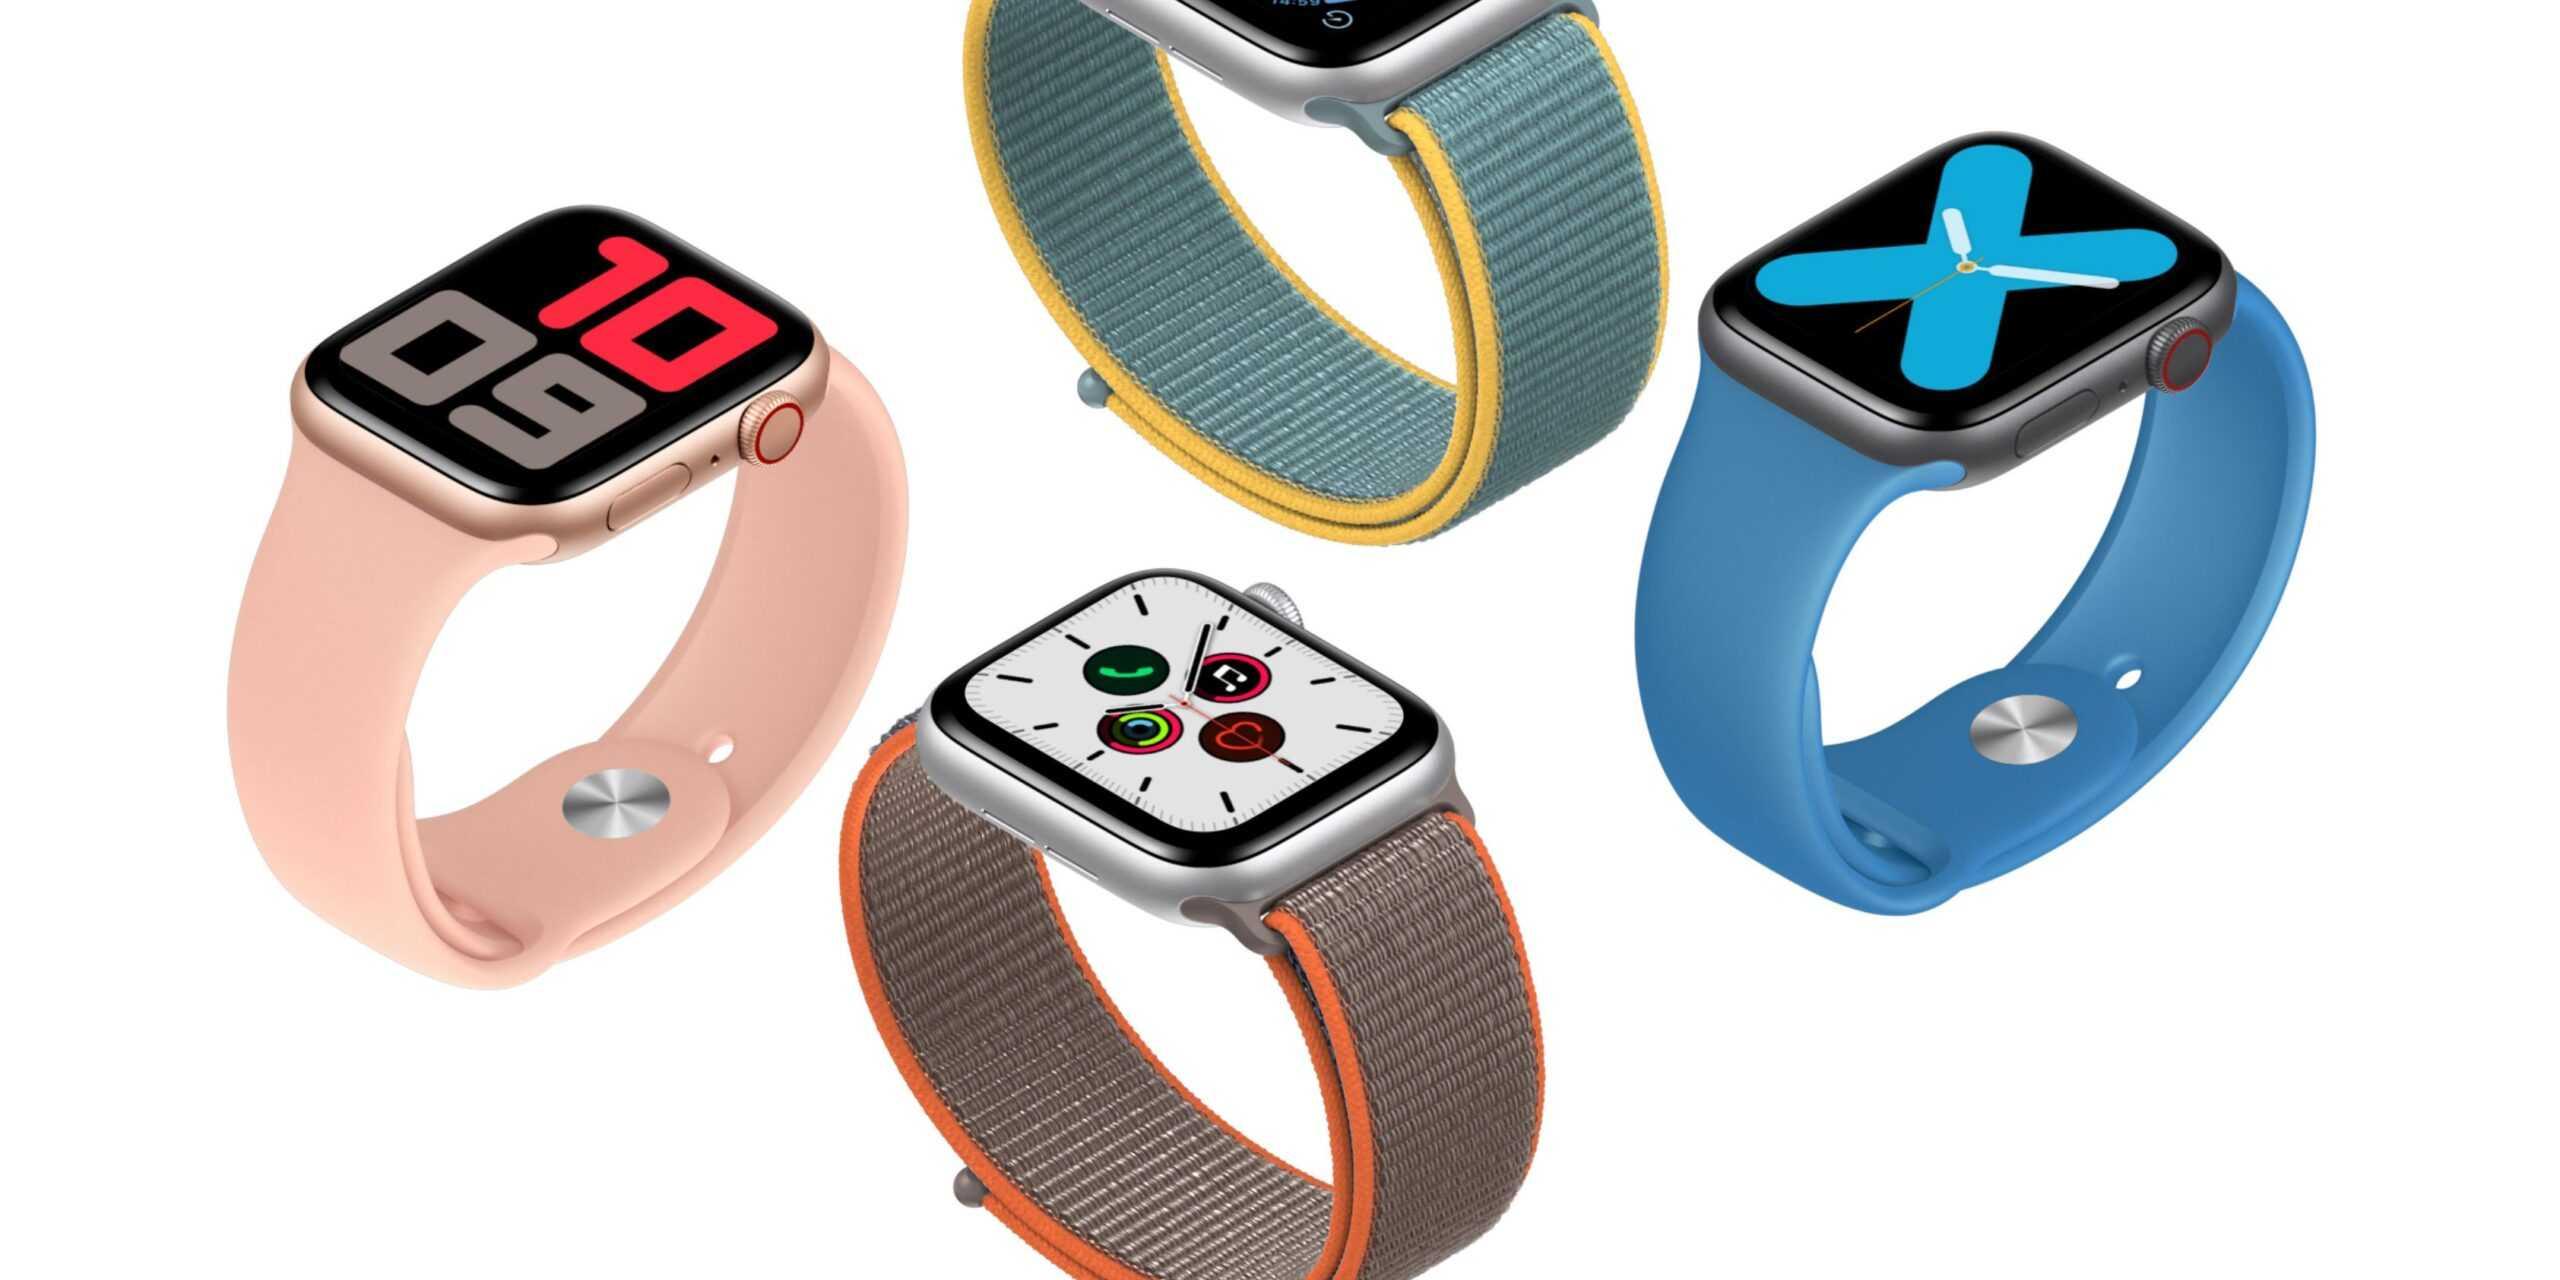 Предложения: Apple Watch Series 5 со скидкой 100 долларов, ремешки для часов Nike 3 по 10 долларов и многое другое.